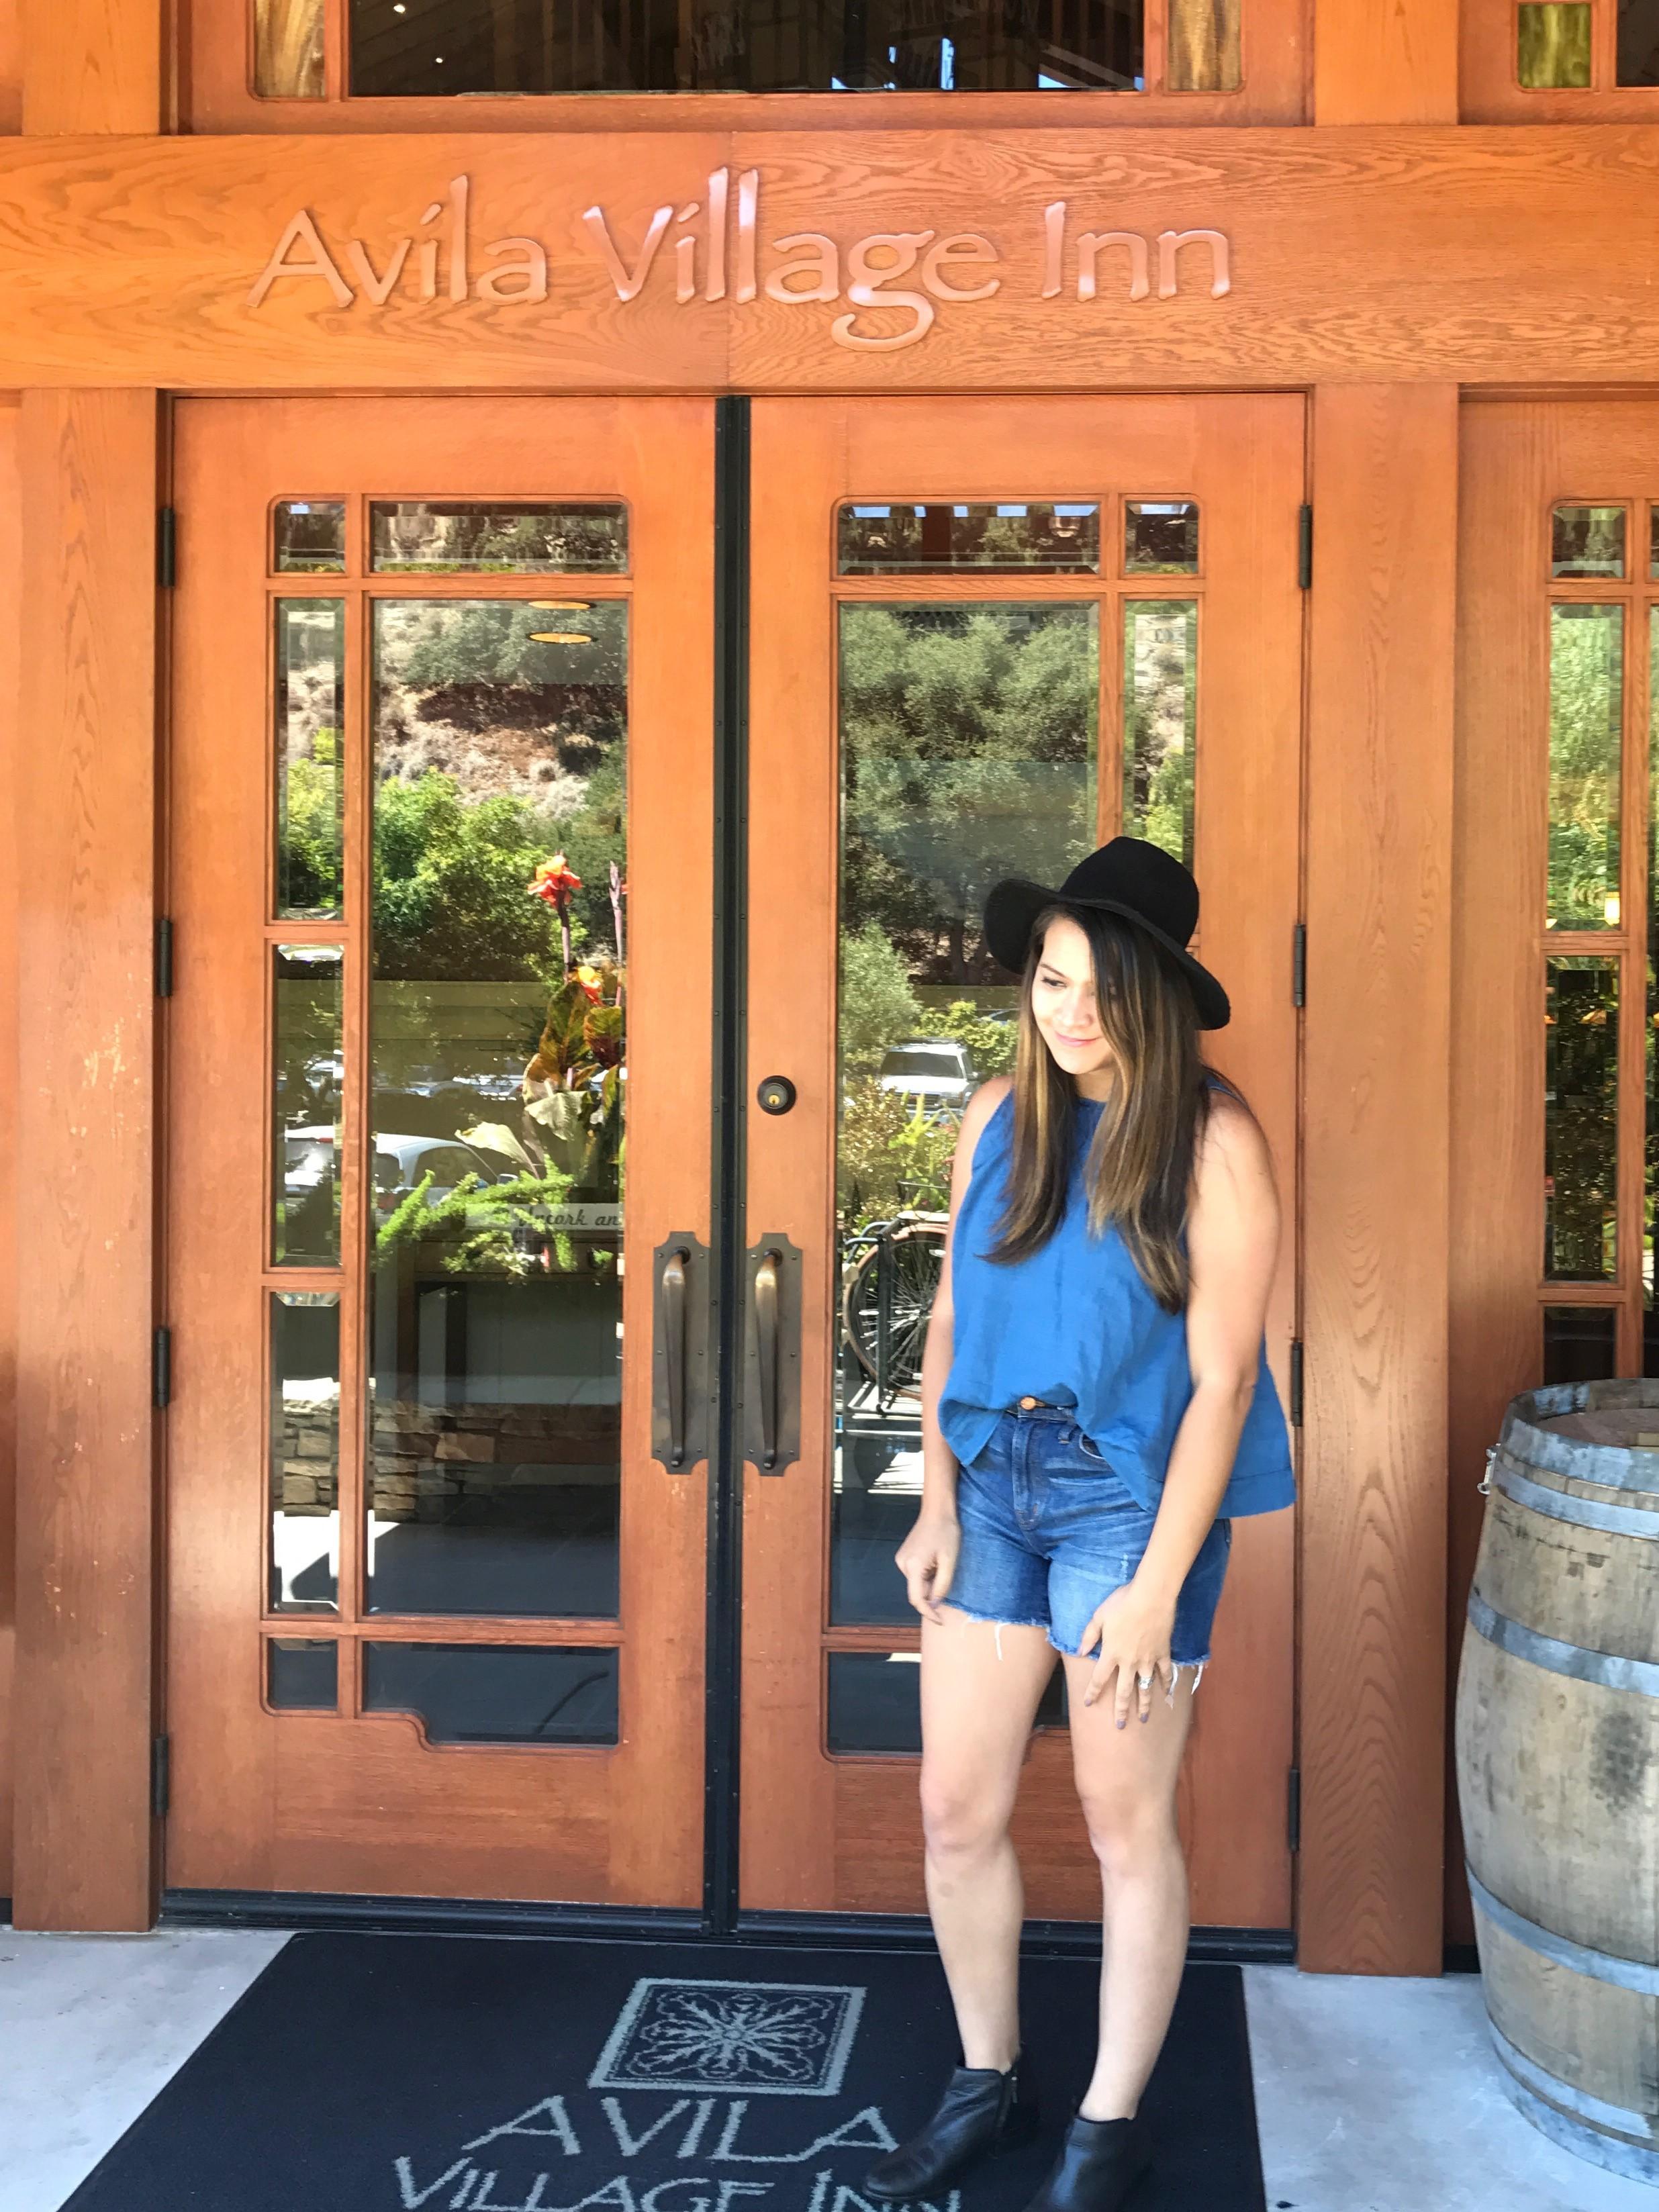 Avila Village Inn